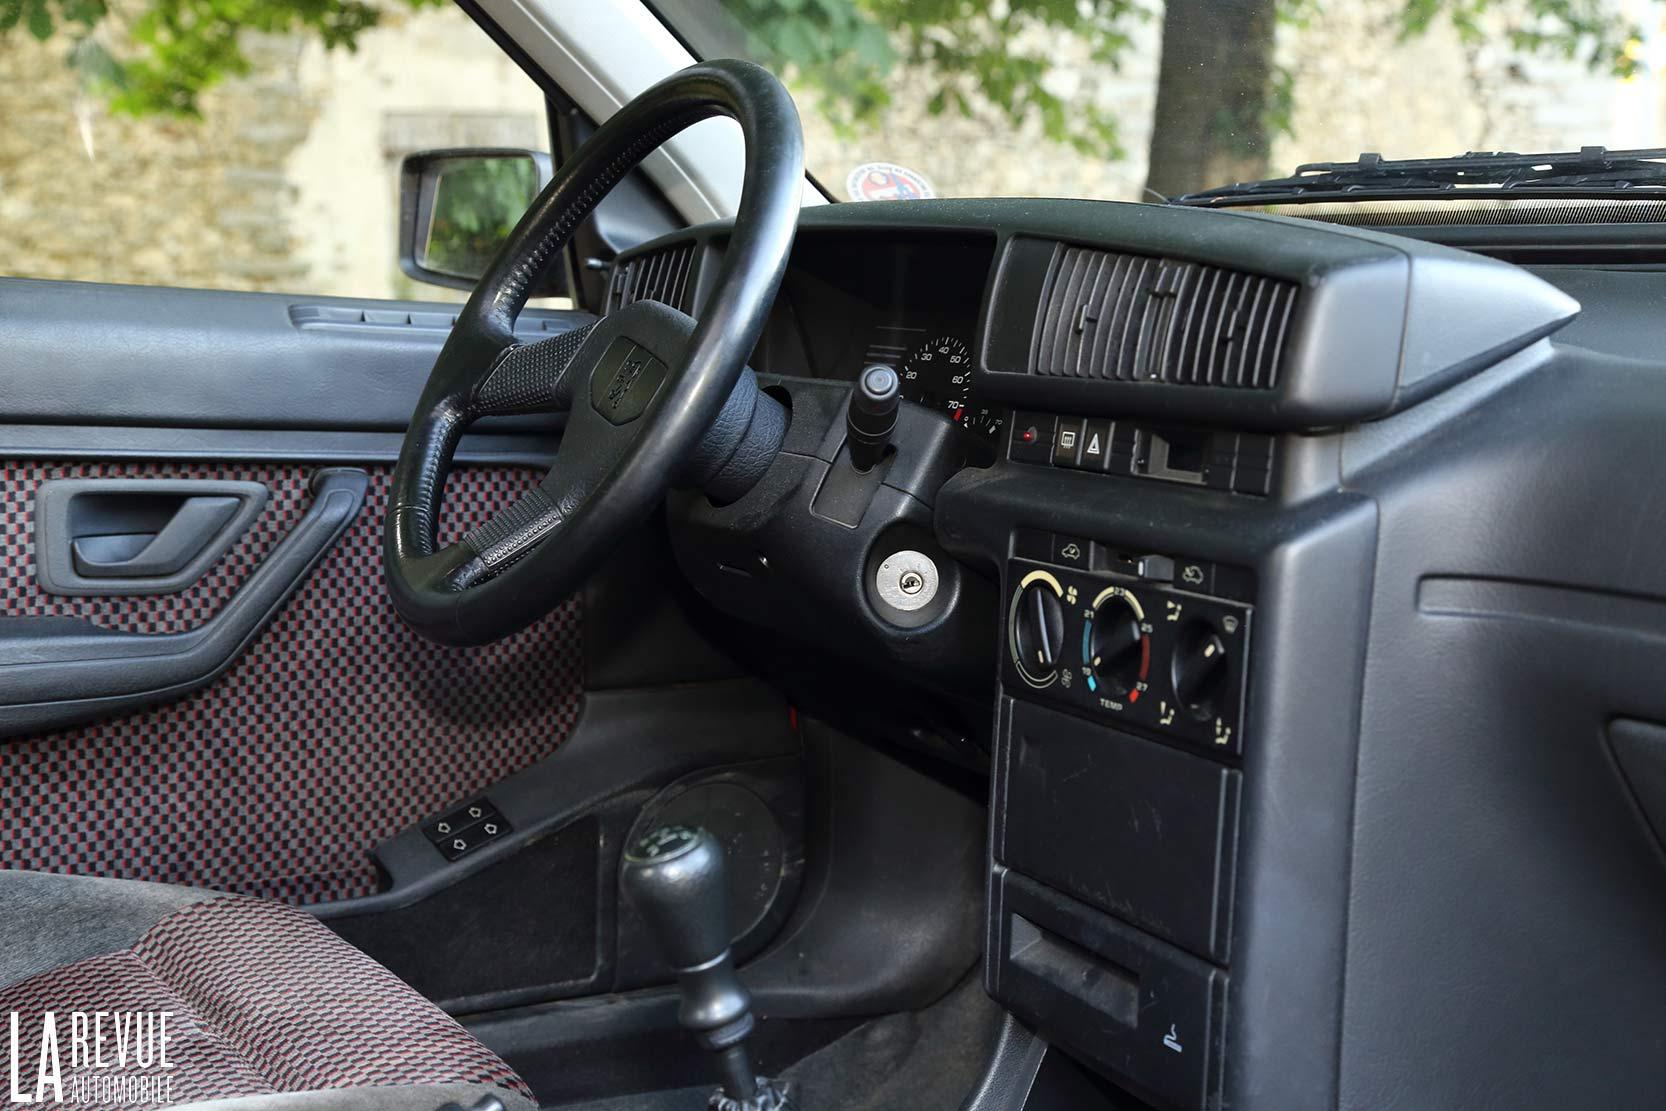 https://www.larevueautomobile.com/images/articles/Peugeot/405-MI16/Interieur/Peugeot_405_MI16_507.jpg